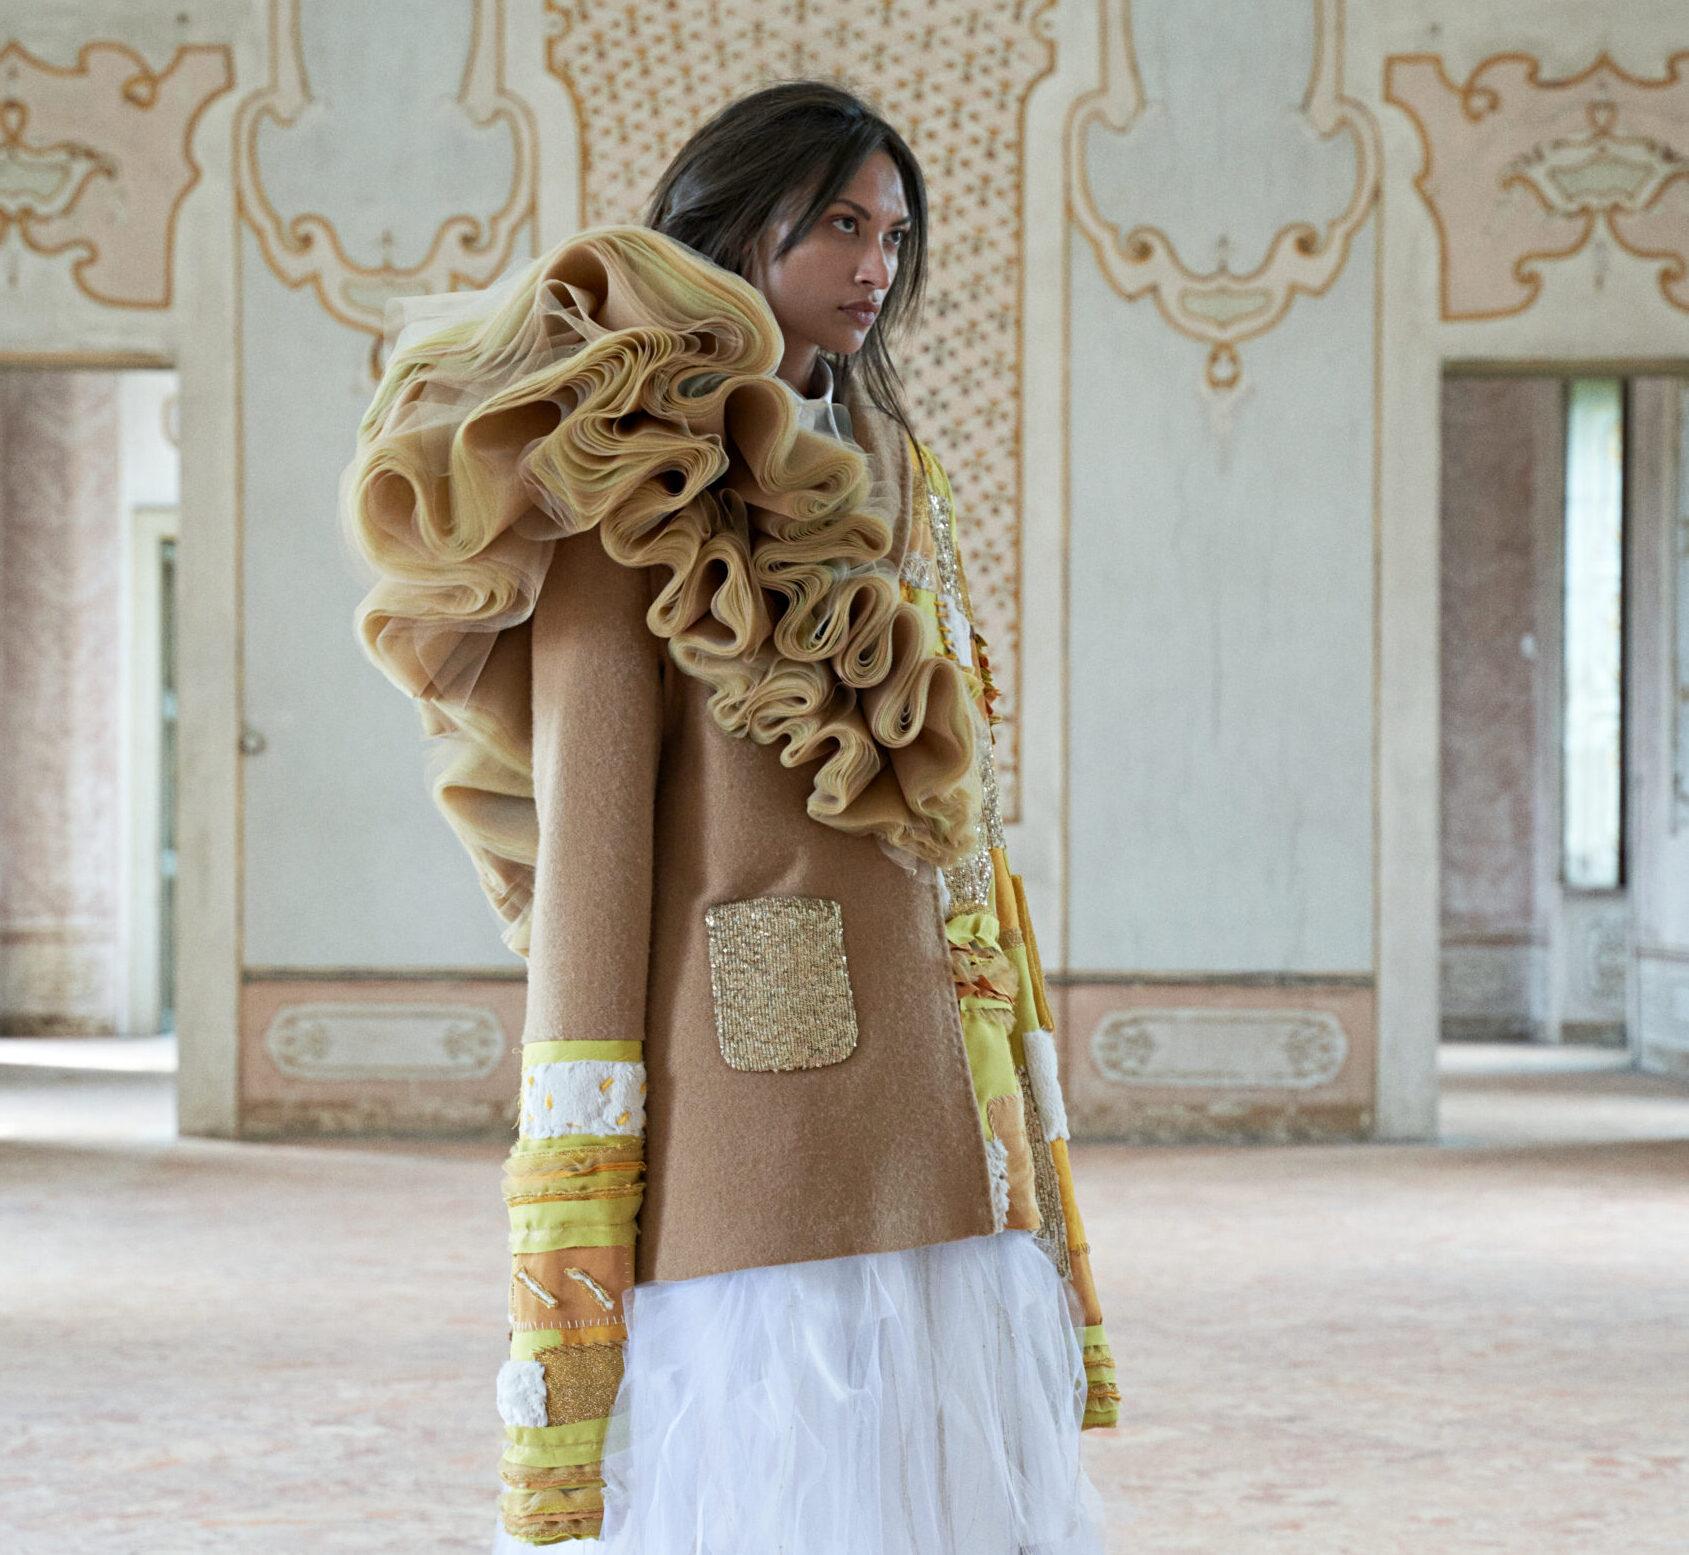 #artfabriquetalent Benedetta Lanzione e Sara di Marco nuovi talenti per la moda